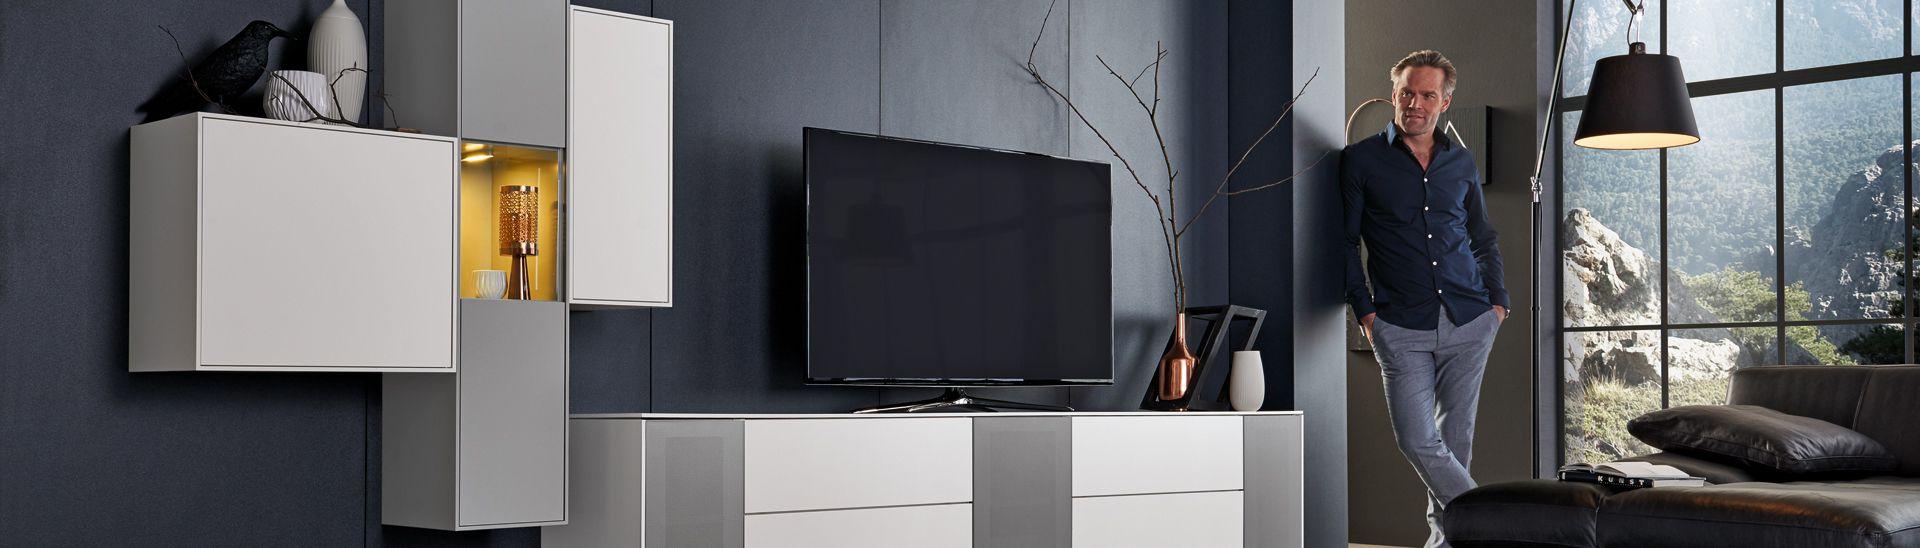 heimkinos der extraklasse blog wk wohnen. Black Bedroom Furniture Sets. Home Design Ideas